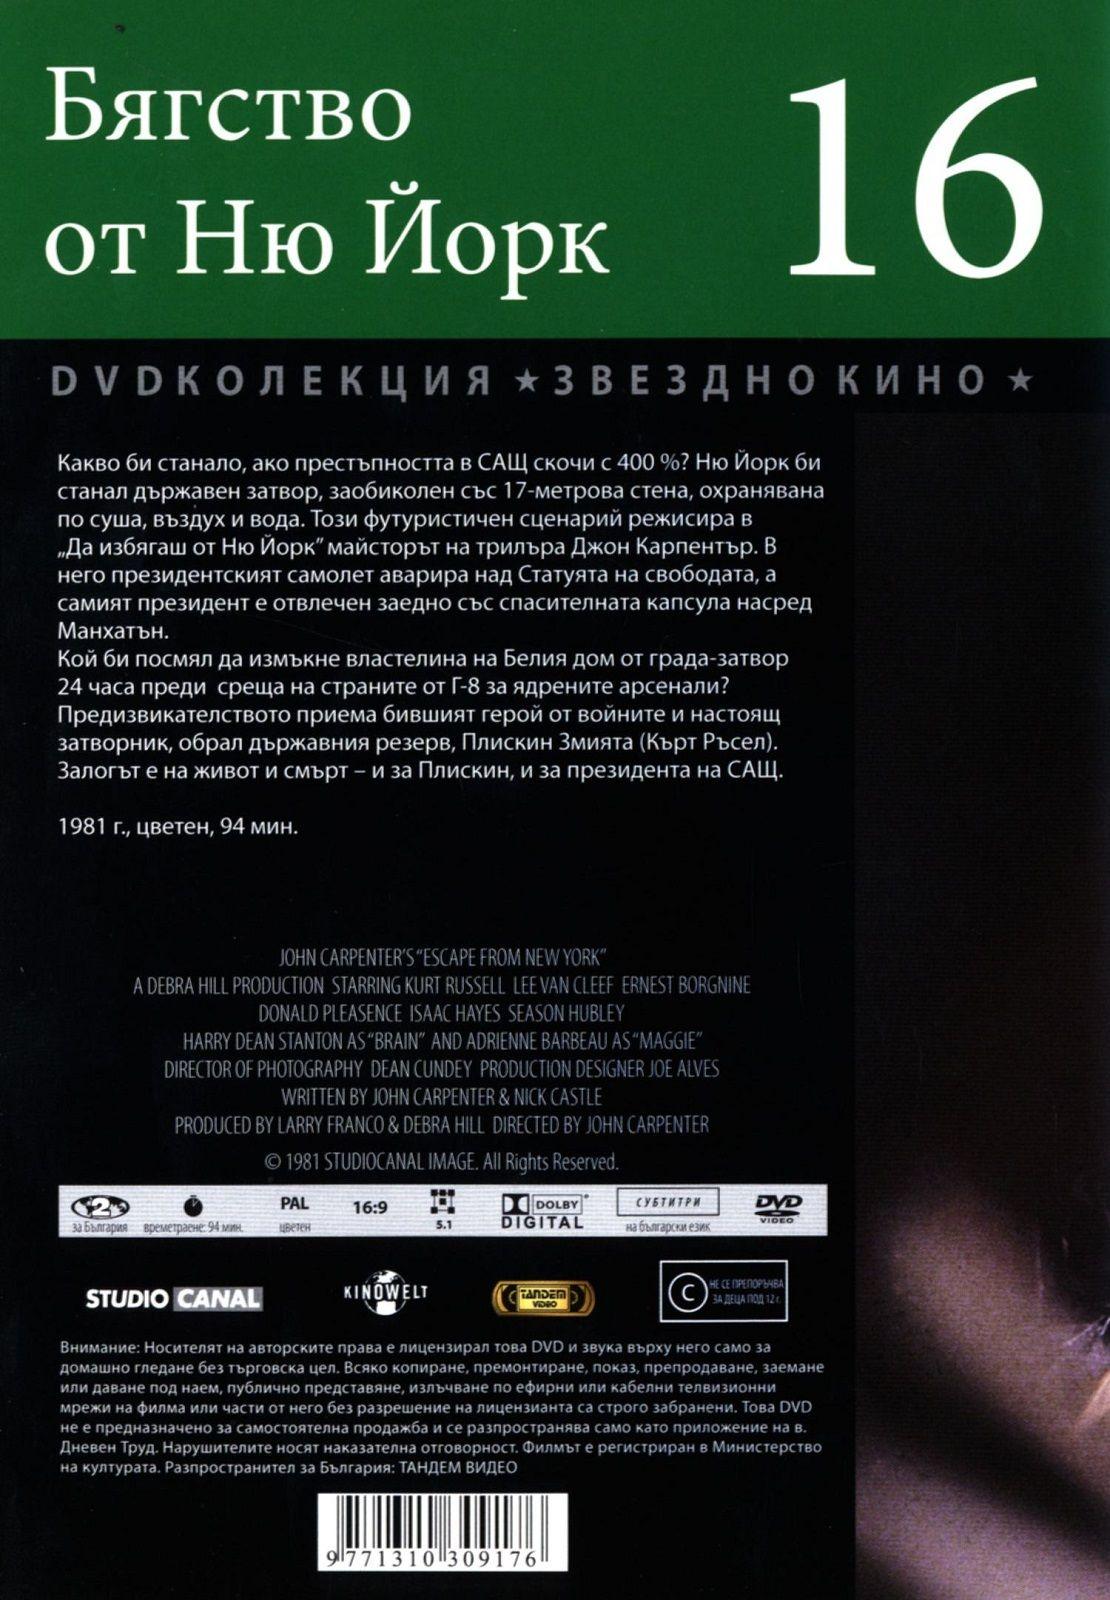 Бягство от Ню Йорк (DVD) - 2